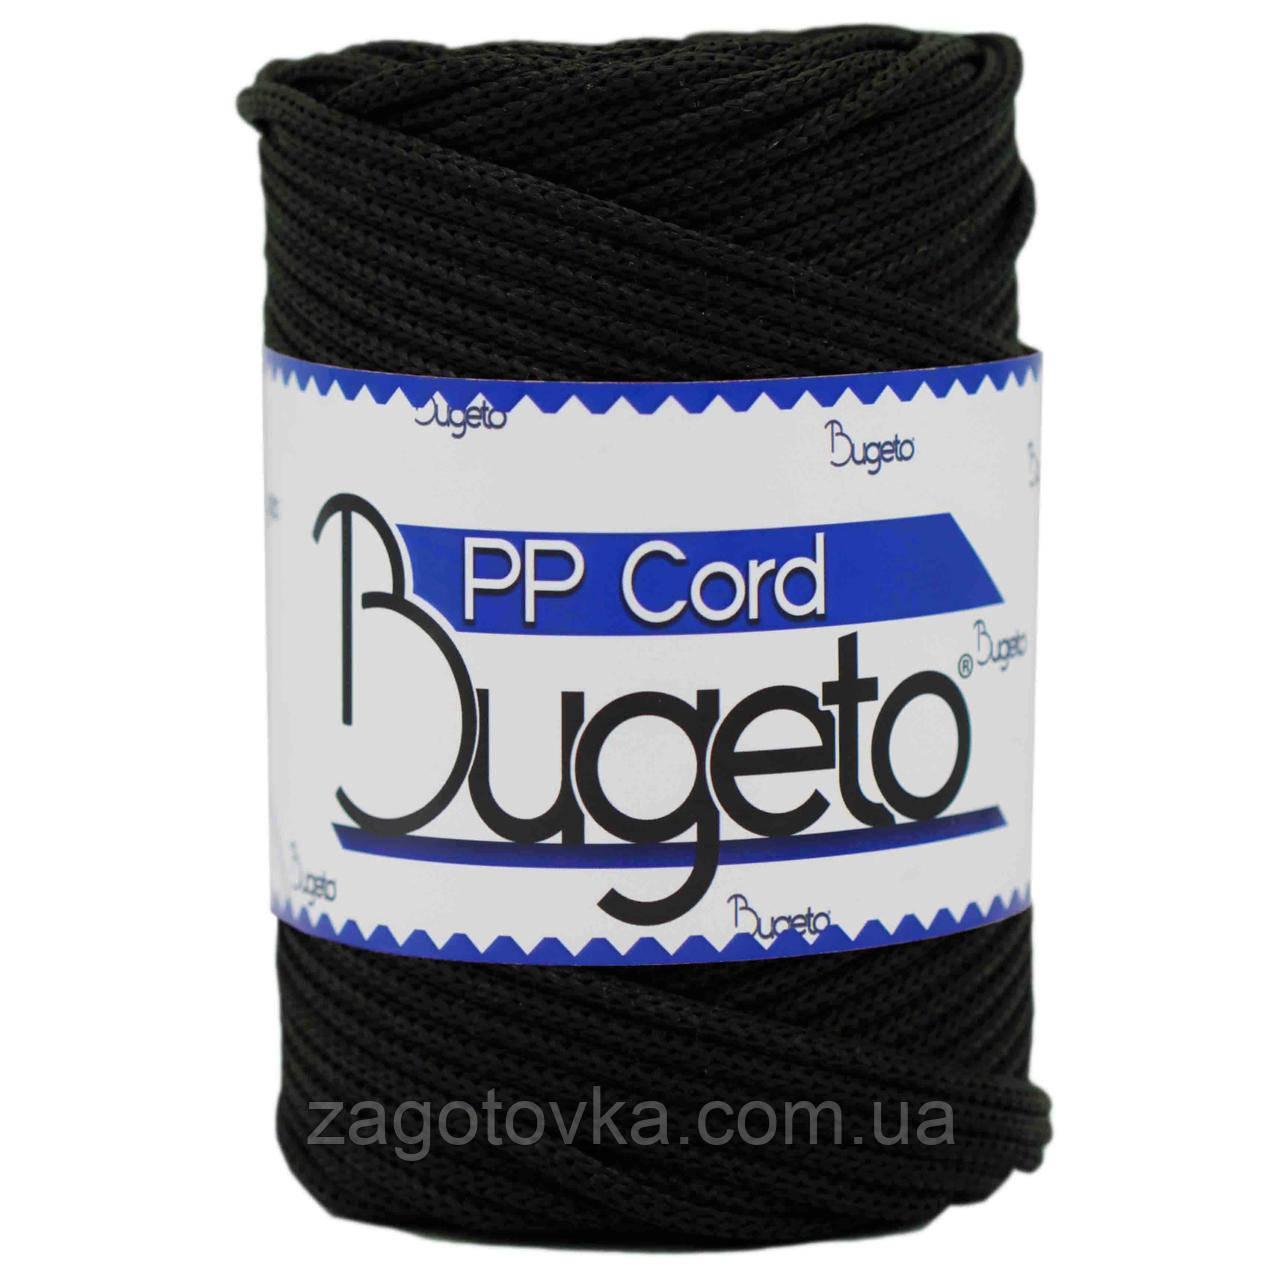 Полипропиленовый шнур Bugeto PP Cord 5mm, Черный